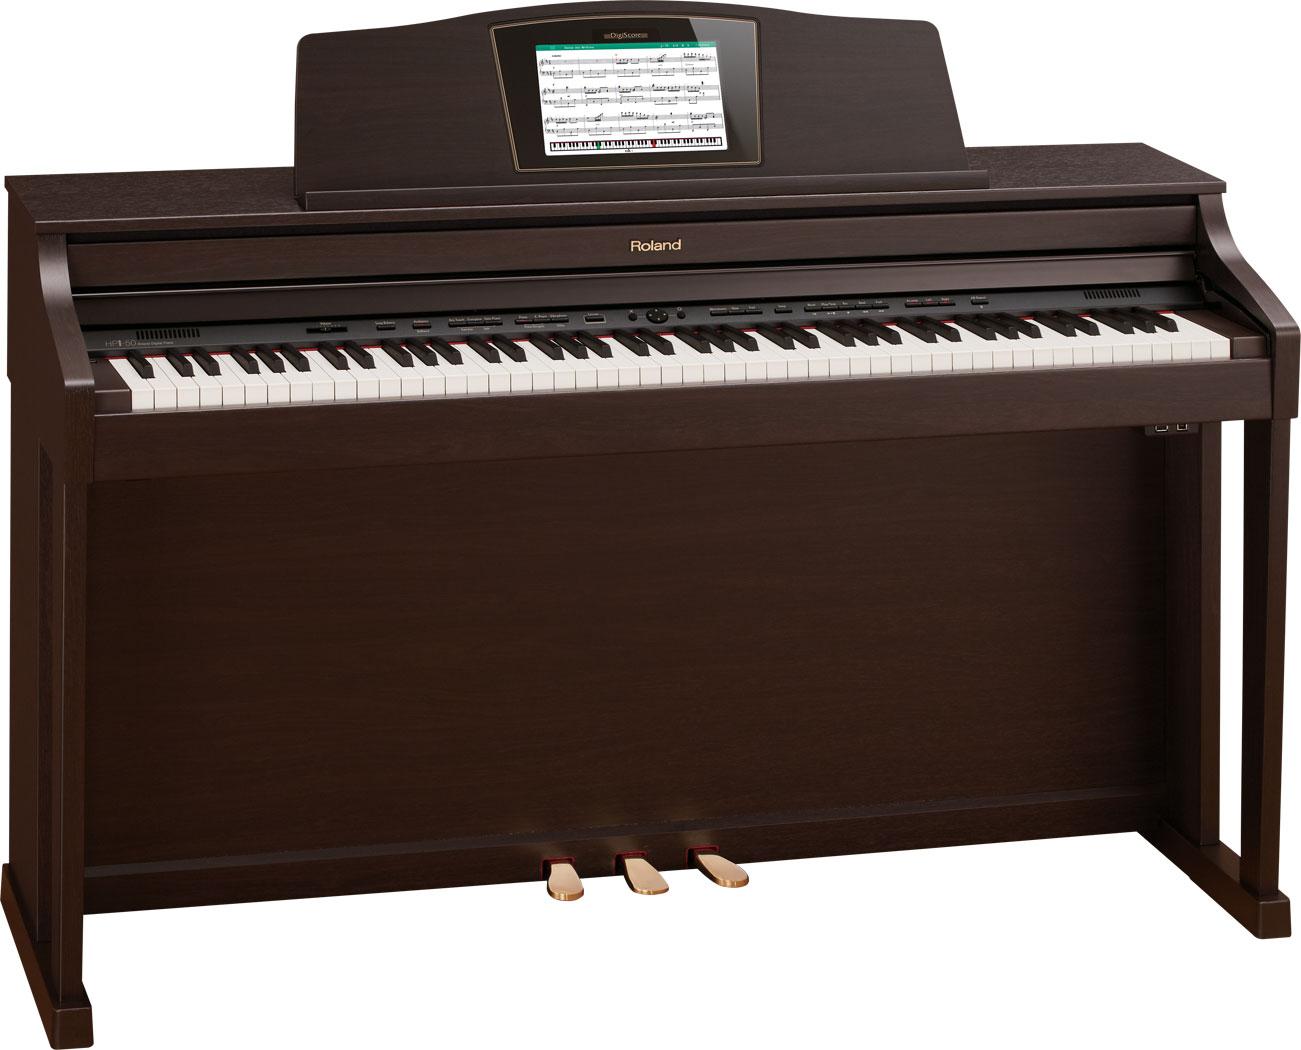 Az piano reviews review roland hpi50e digital piano for Moderni piani a 4 piani